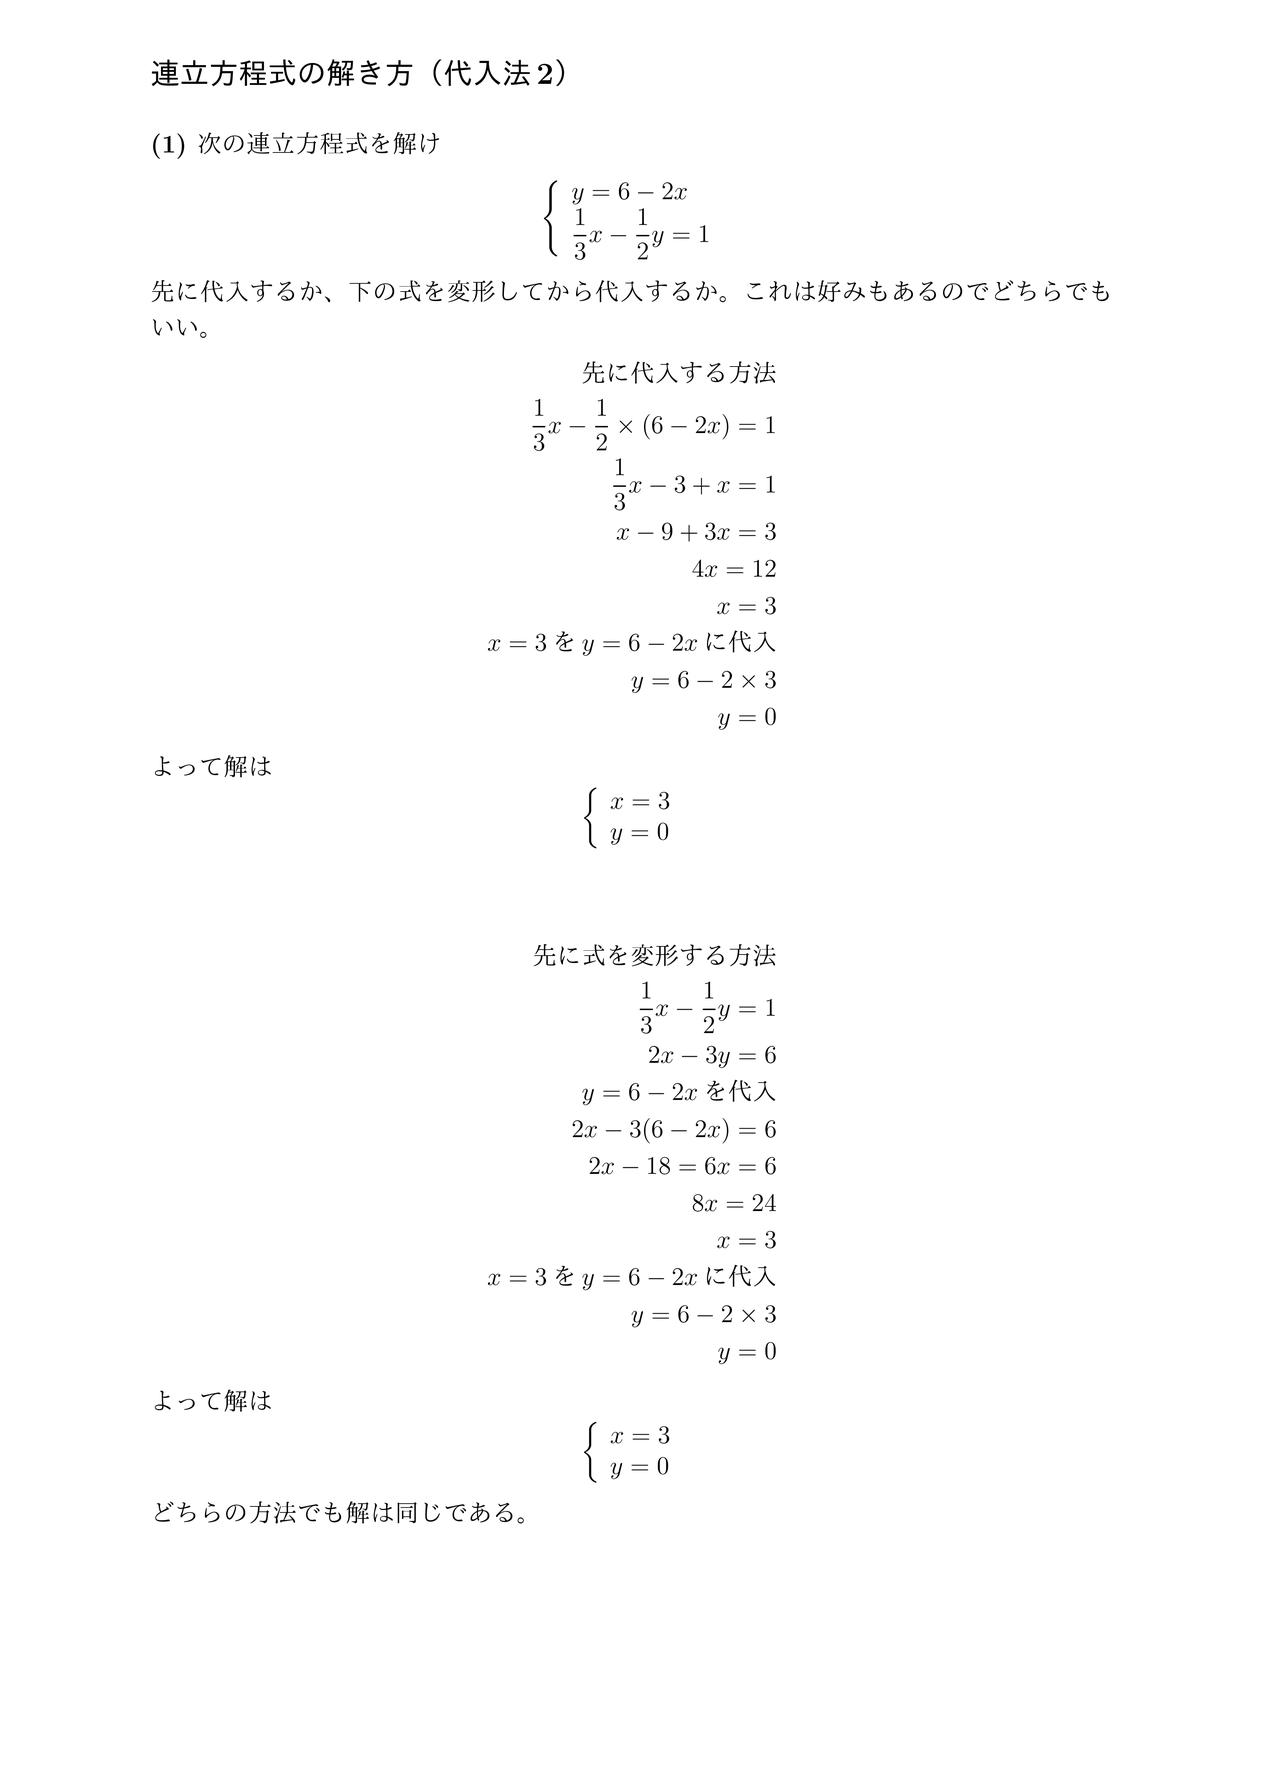 連立方程式代入法2